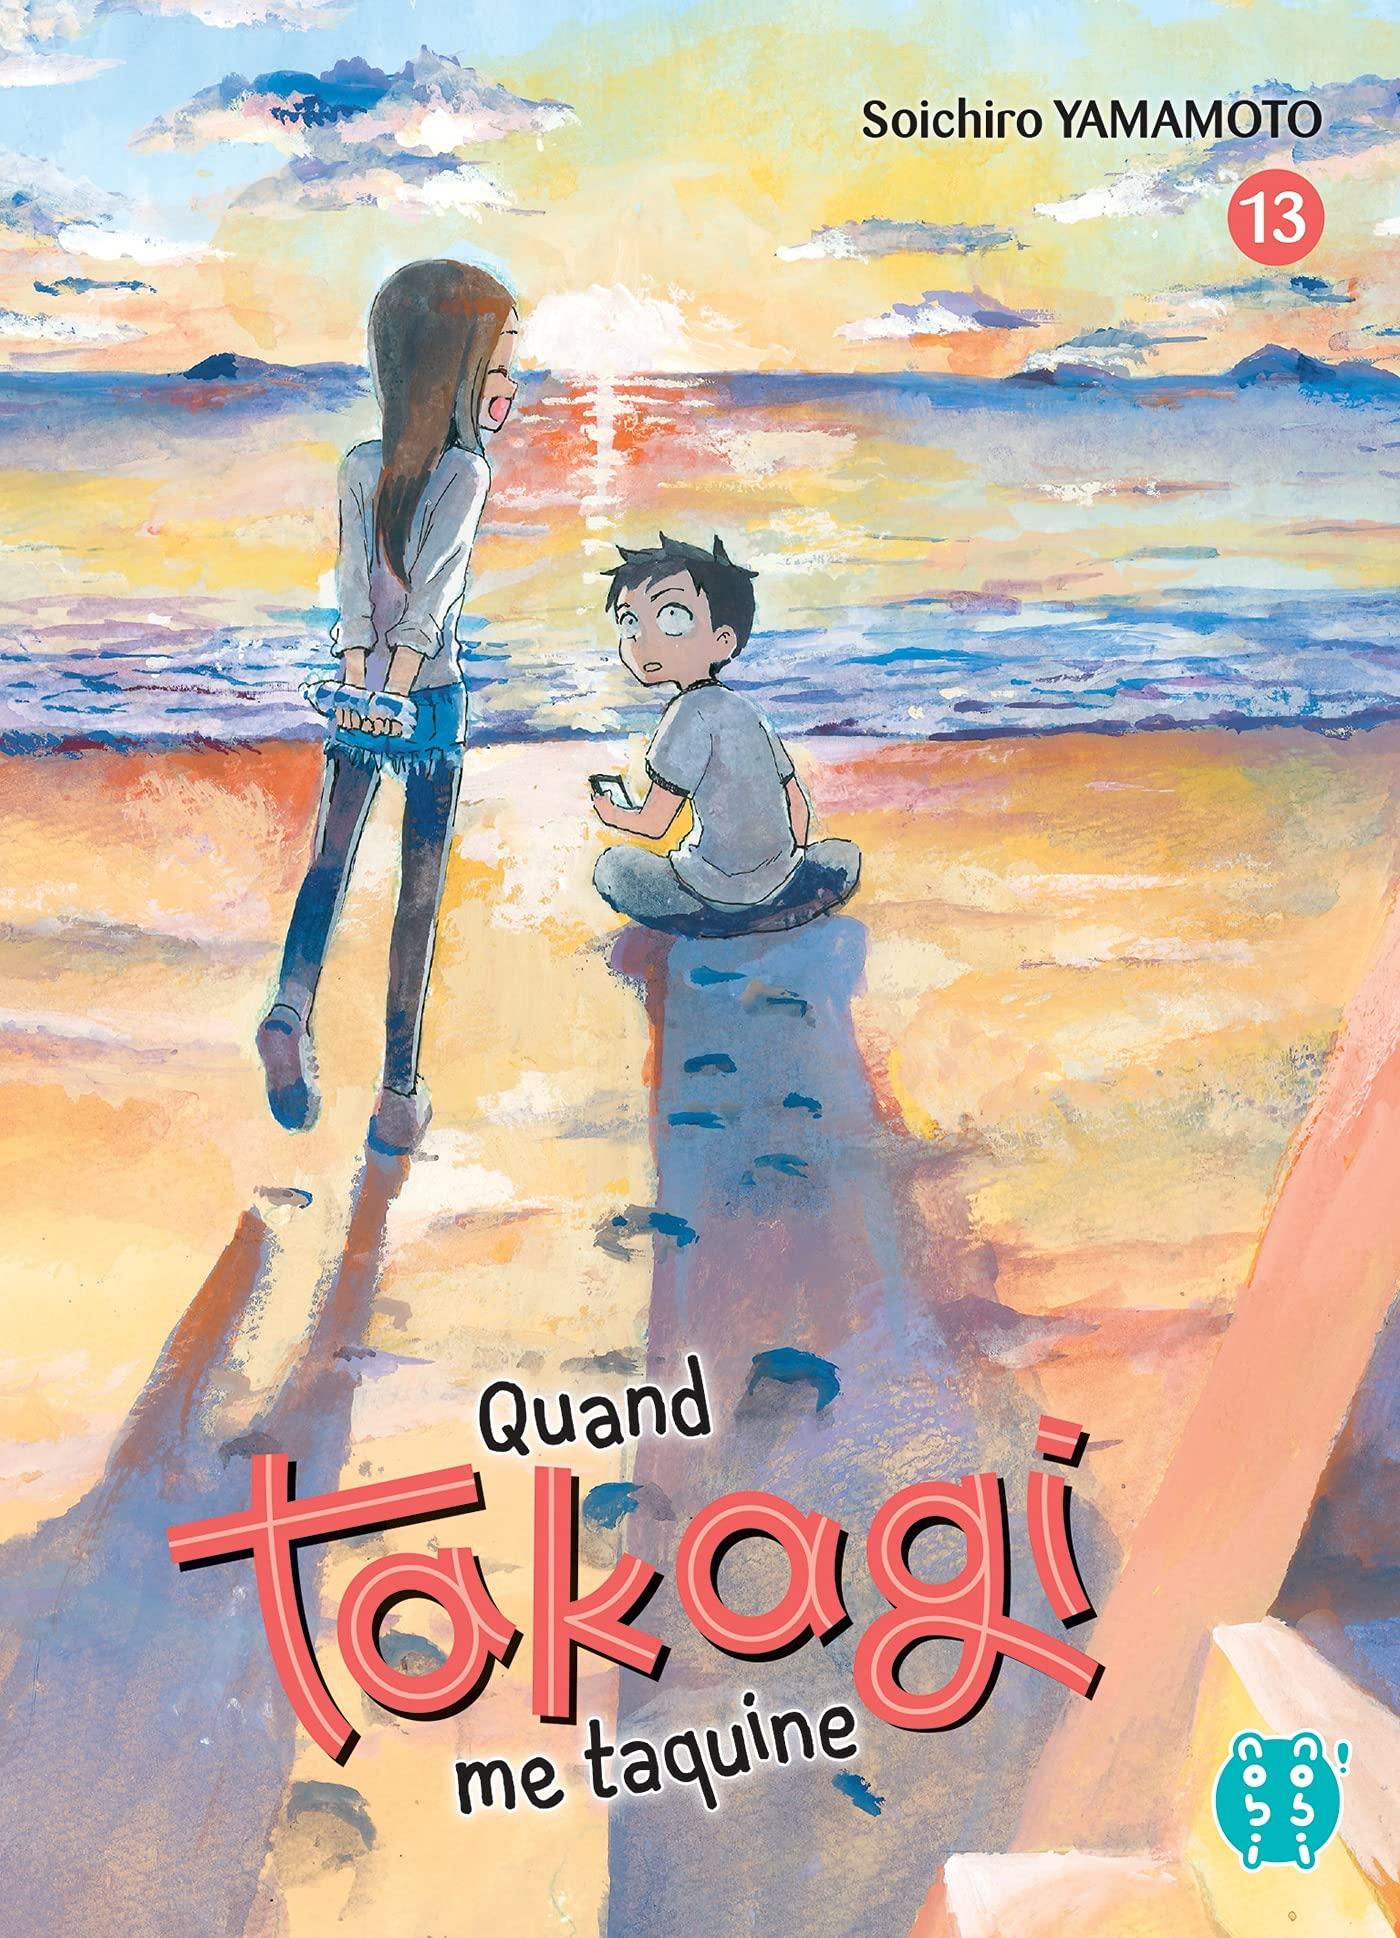 Quand Takagi me taquine 13